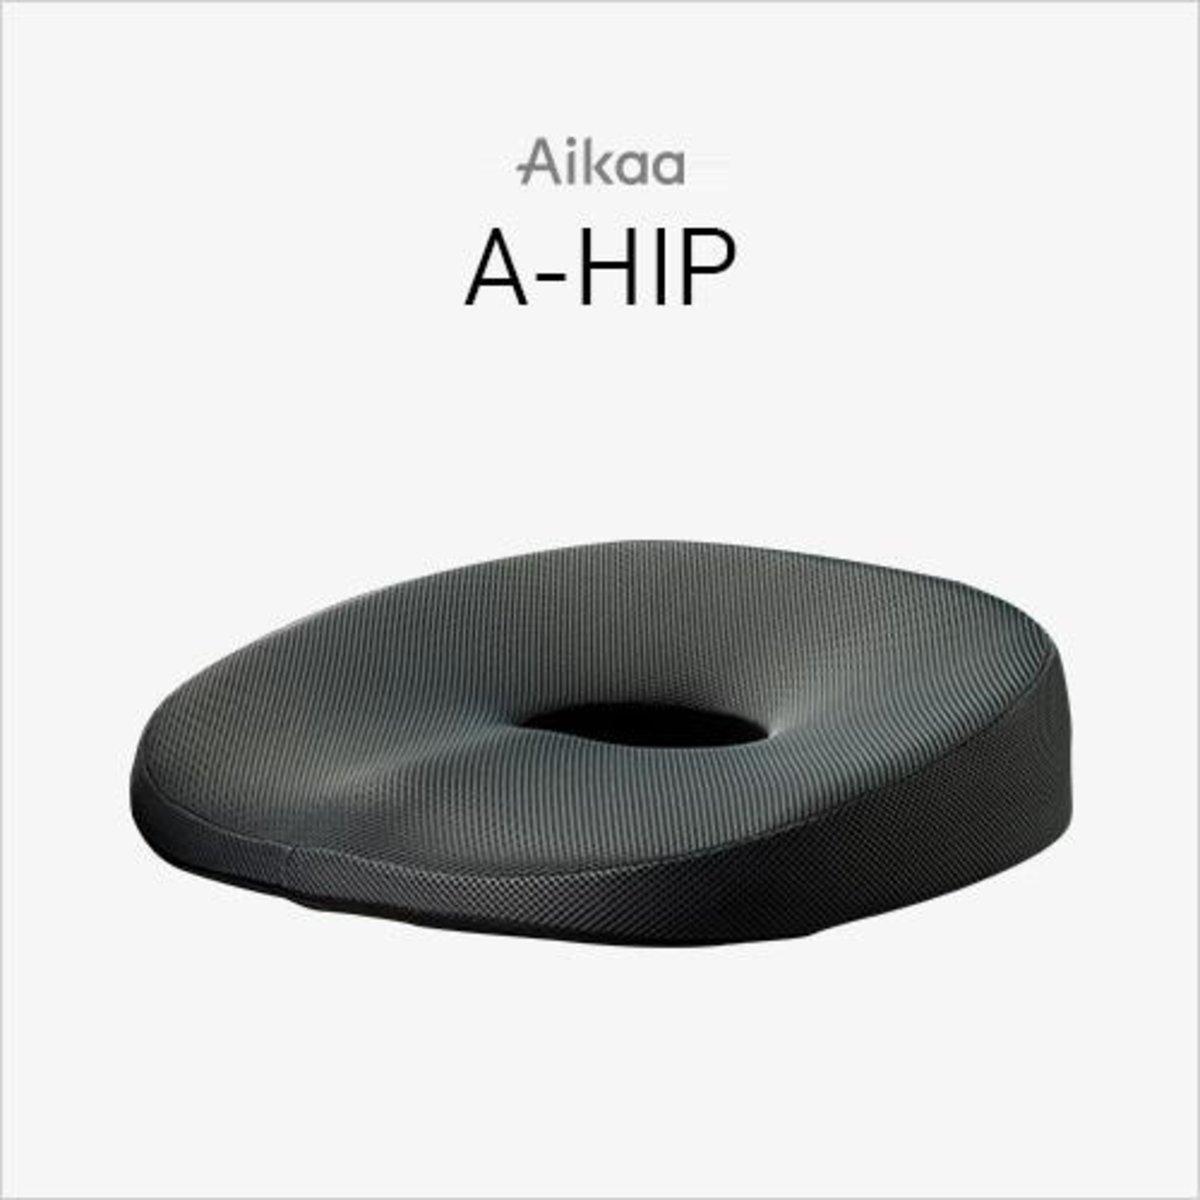 A-HIP